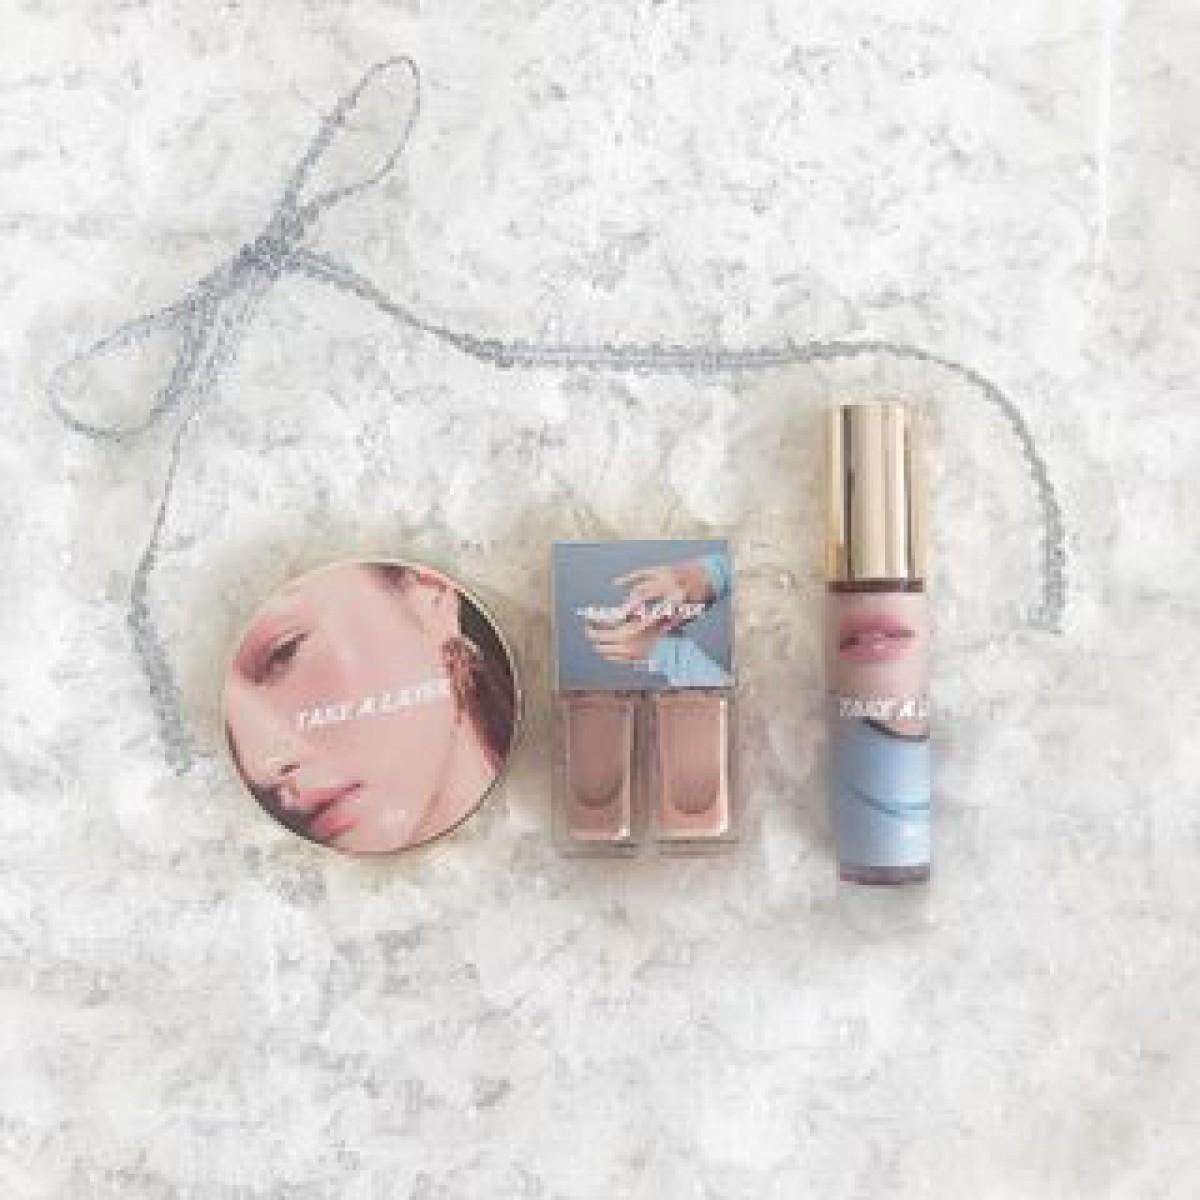 一つで何役もする化粧品。時間とコスパ良しな2Way&マルチユースコスメカタログ